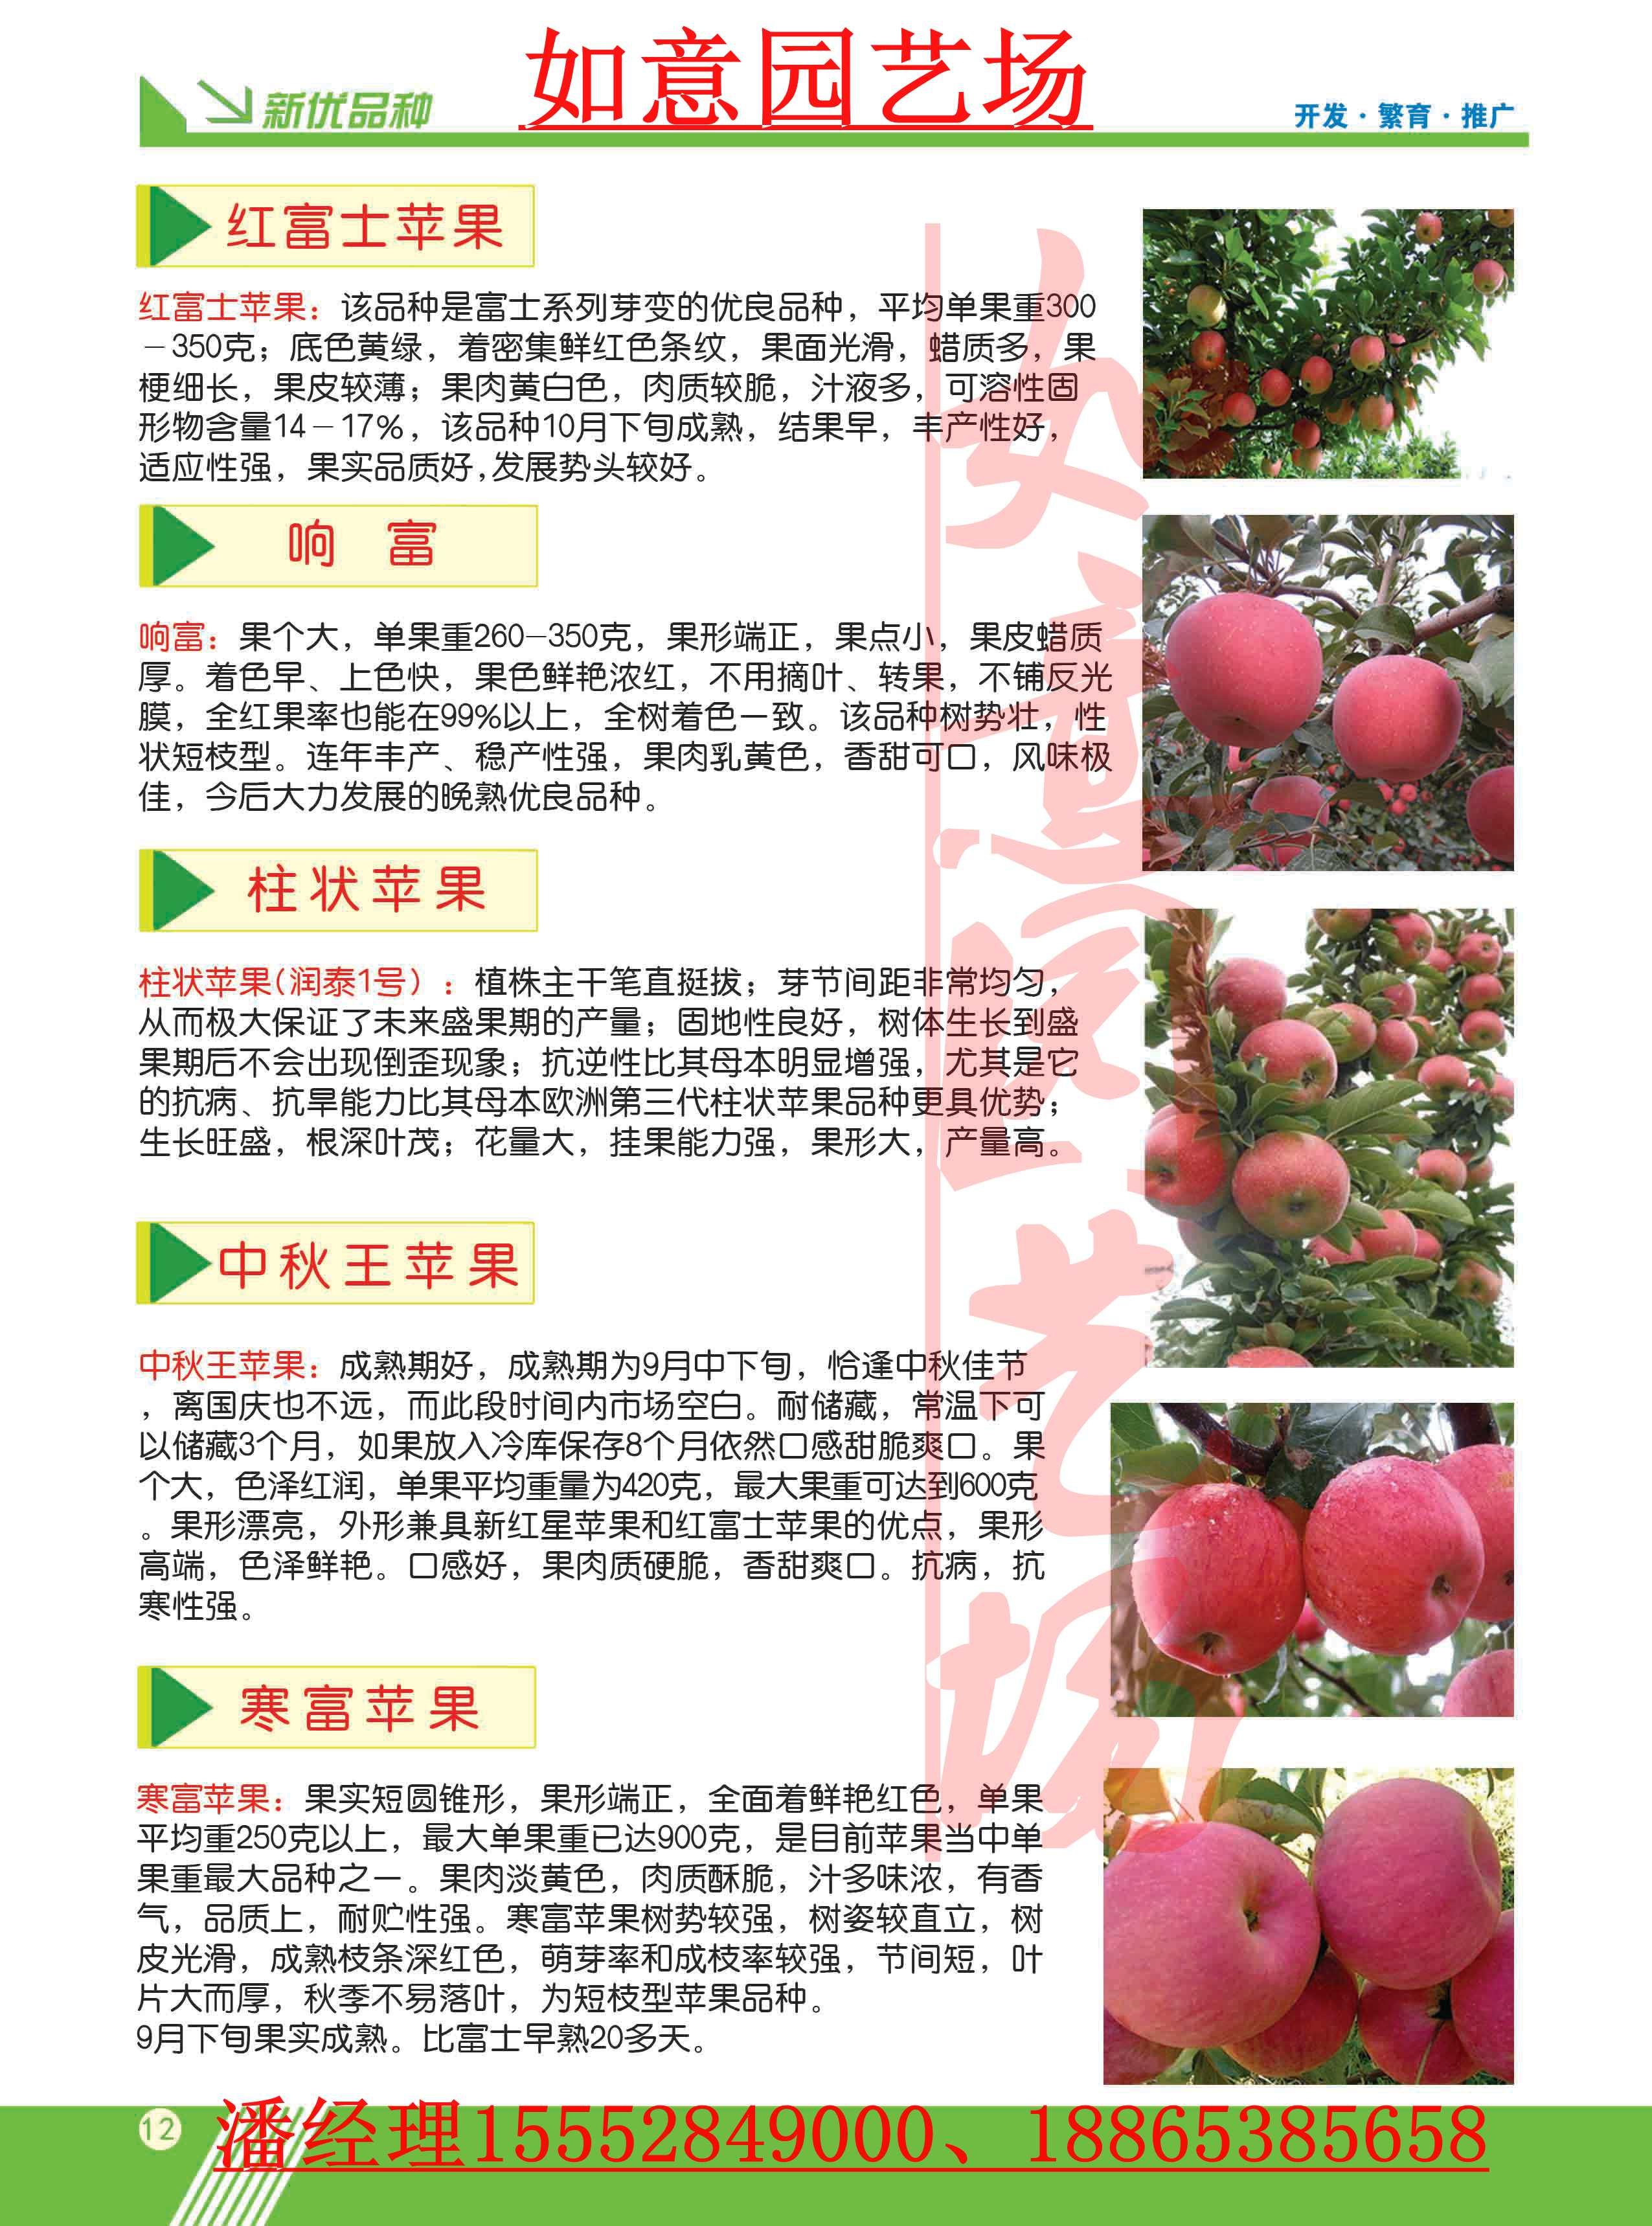 中卫桃树苗官网网站